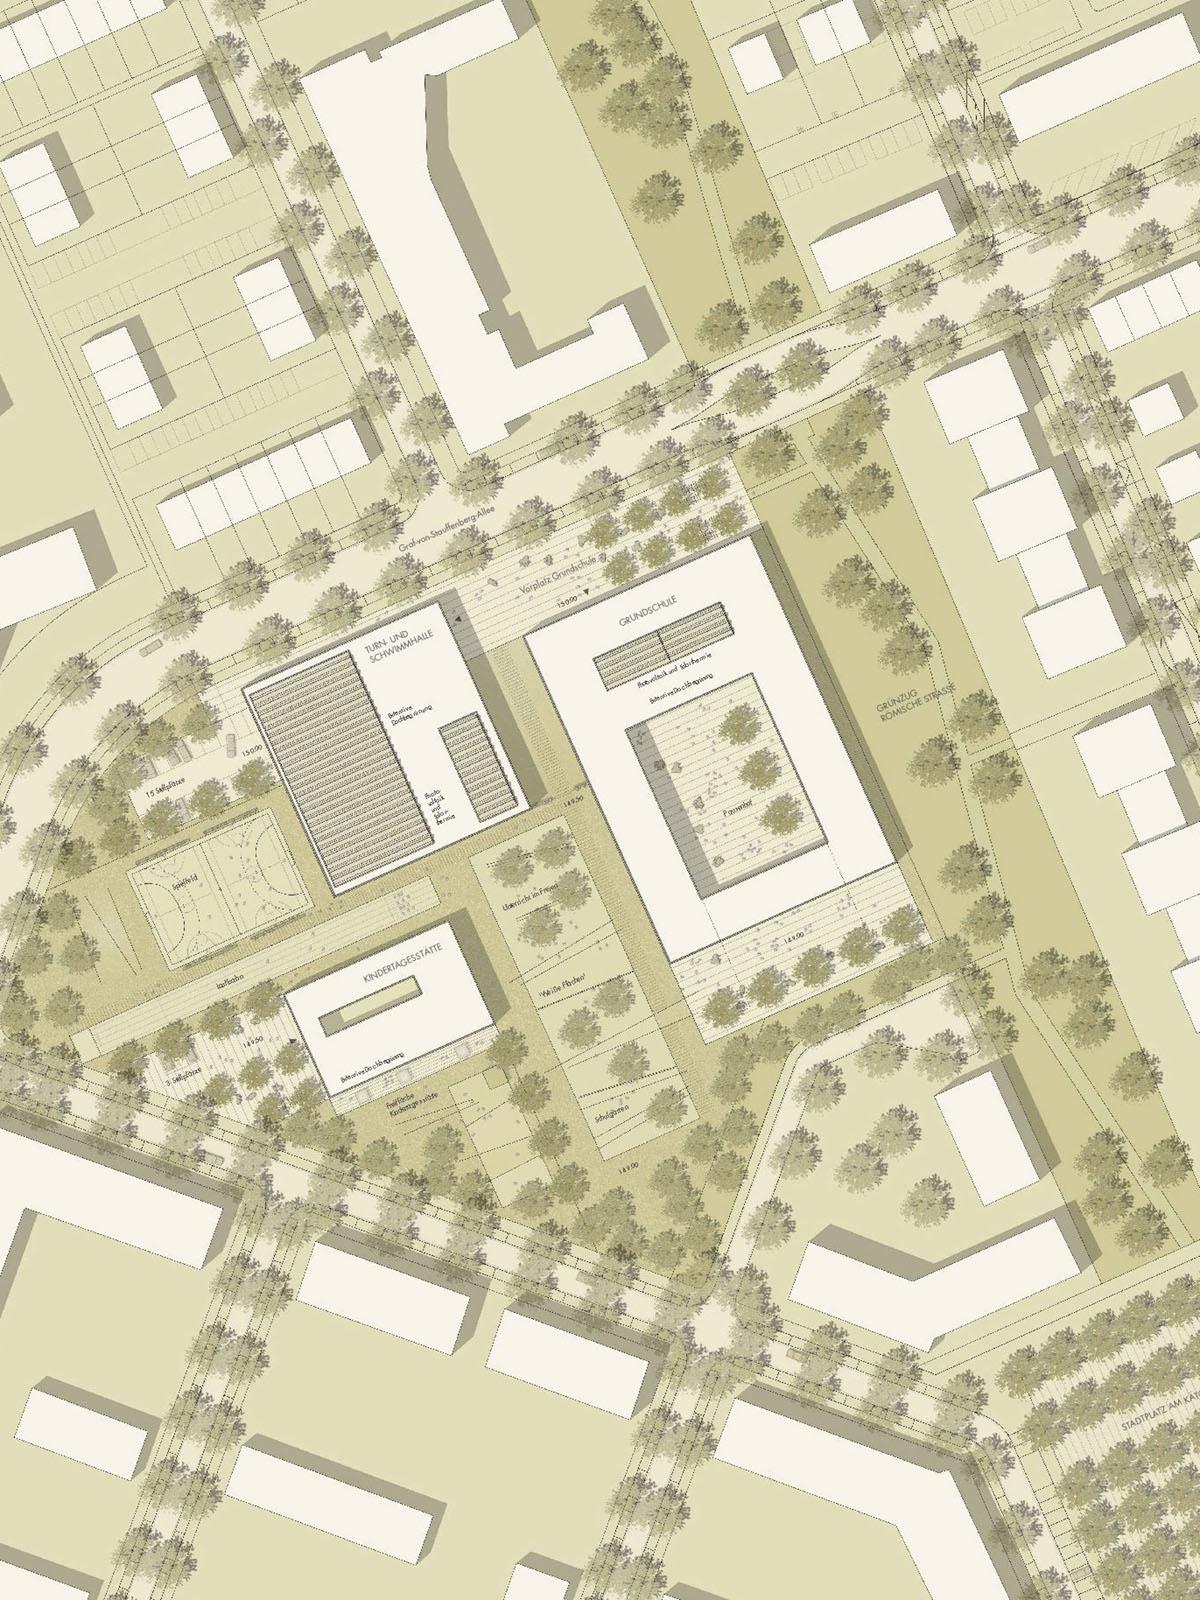 Lageplan-Neubau-Grundschule-mit-Zweifeld-Schulturnhalle-Schulschwimmanlage-und-Kindertagesstätte-Passivhausbauweise-Wettbewerb-2.Preis-2009-Friedrich-Poerschke-Zwink-Architekten